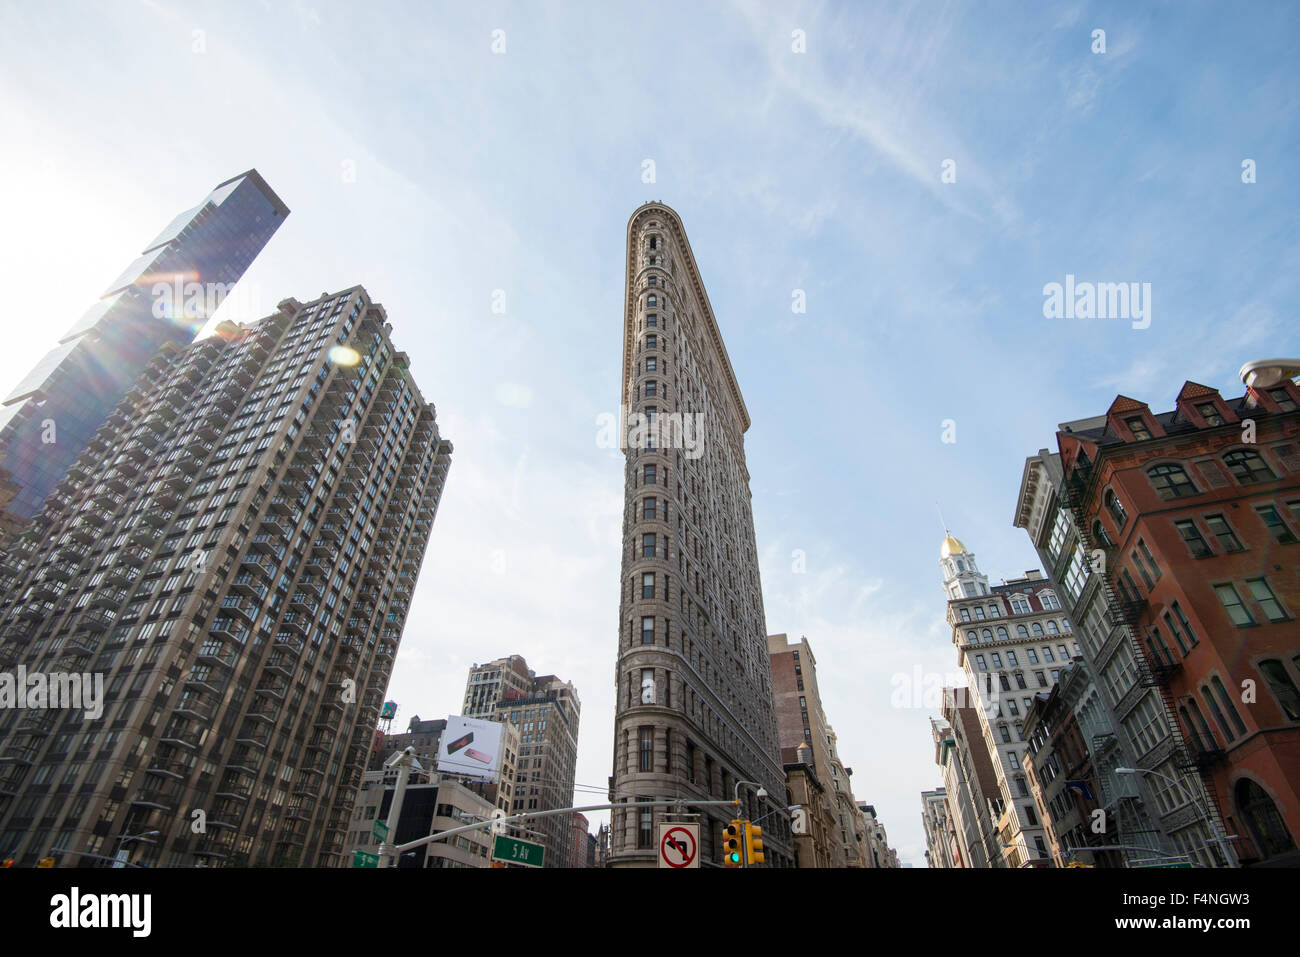 Das berühmte Flatiron Building in Manhattan, New York City, USA Stockbild